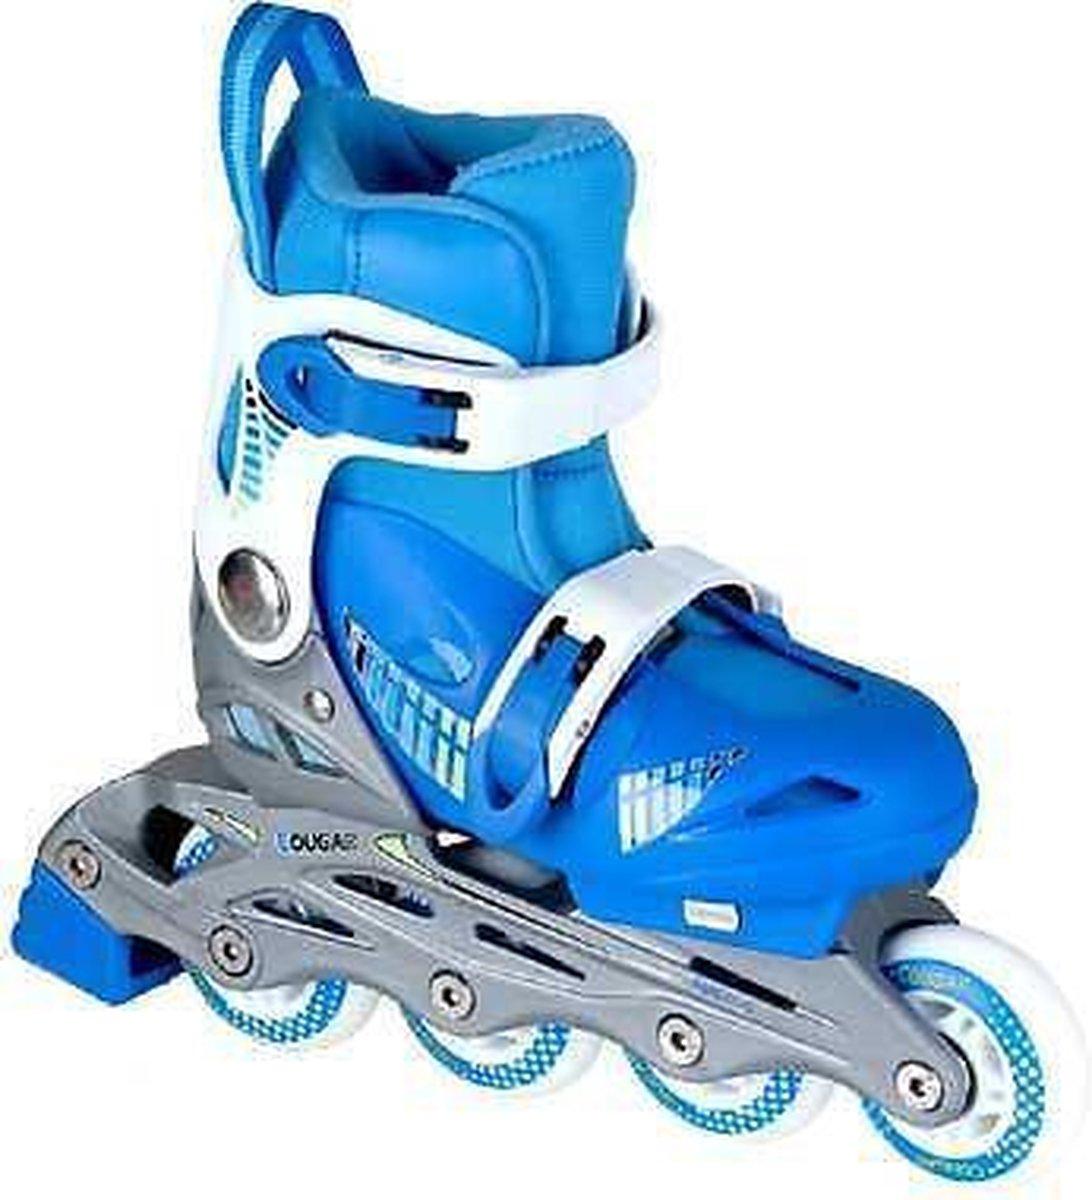 Inline Skates Cougar maat 30-33 Blauw